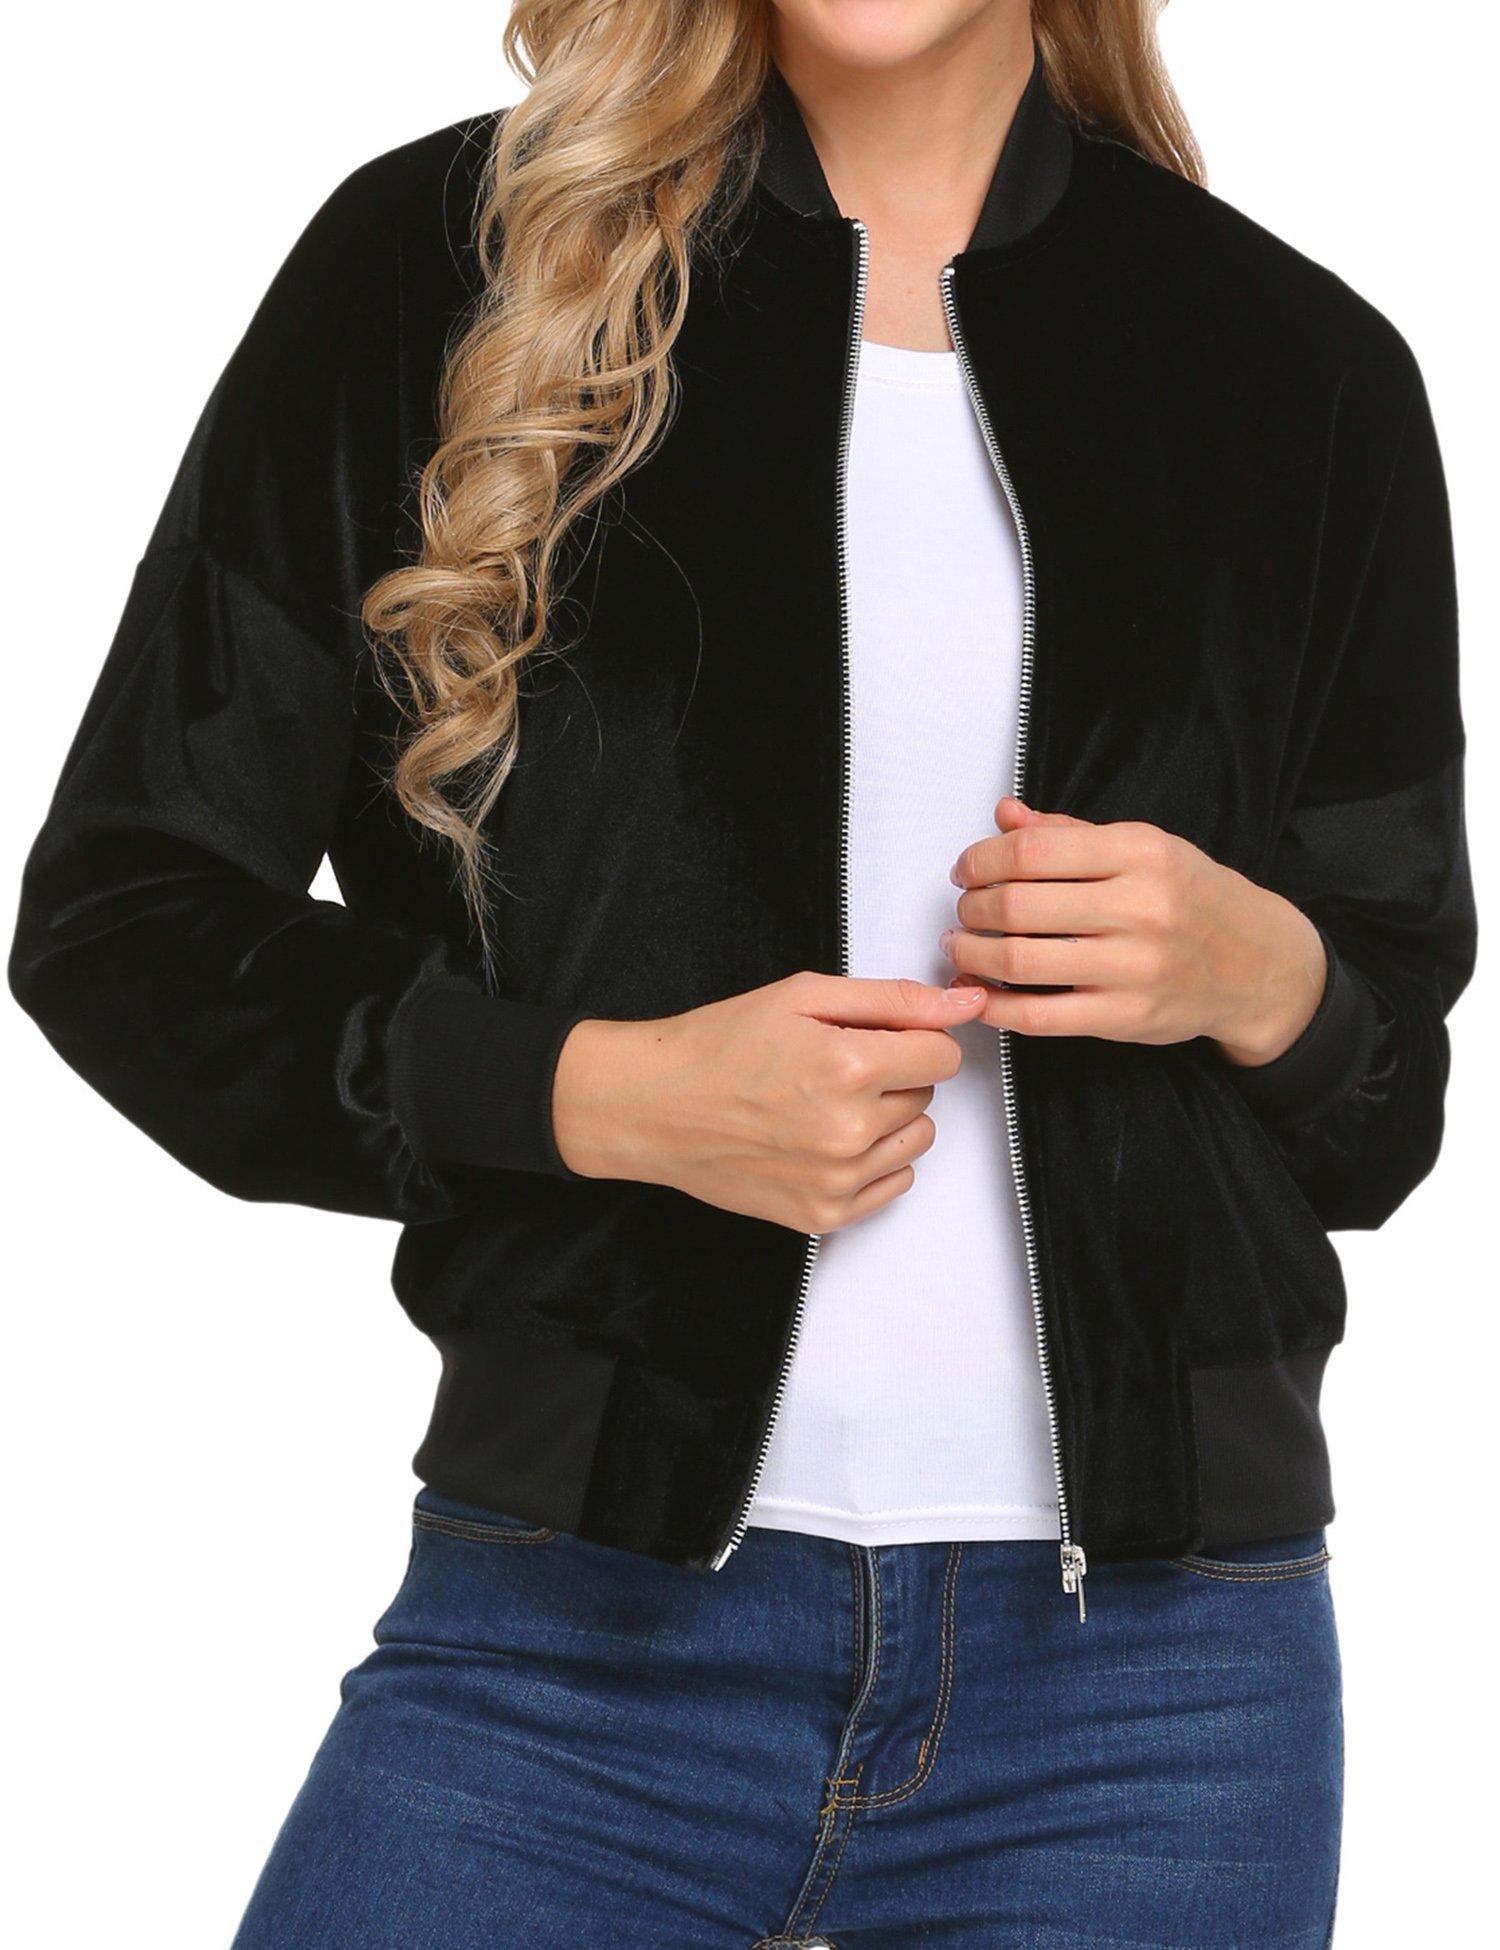 Beyove Women's Lightweight Velvet Coat Hooded Active Outdoor Windbreaker Jacket Black S by Beyove (Image #3)